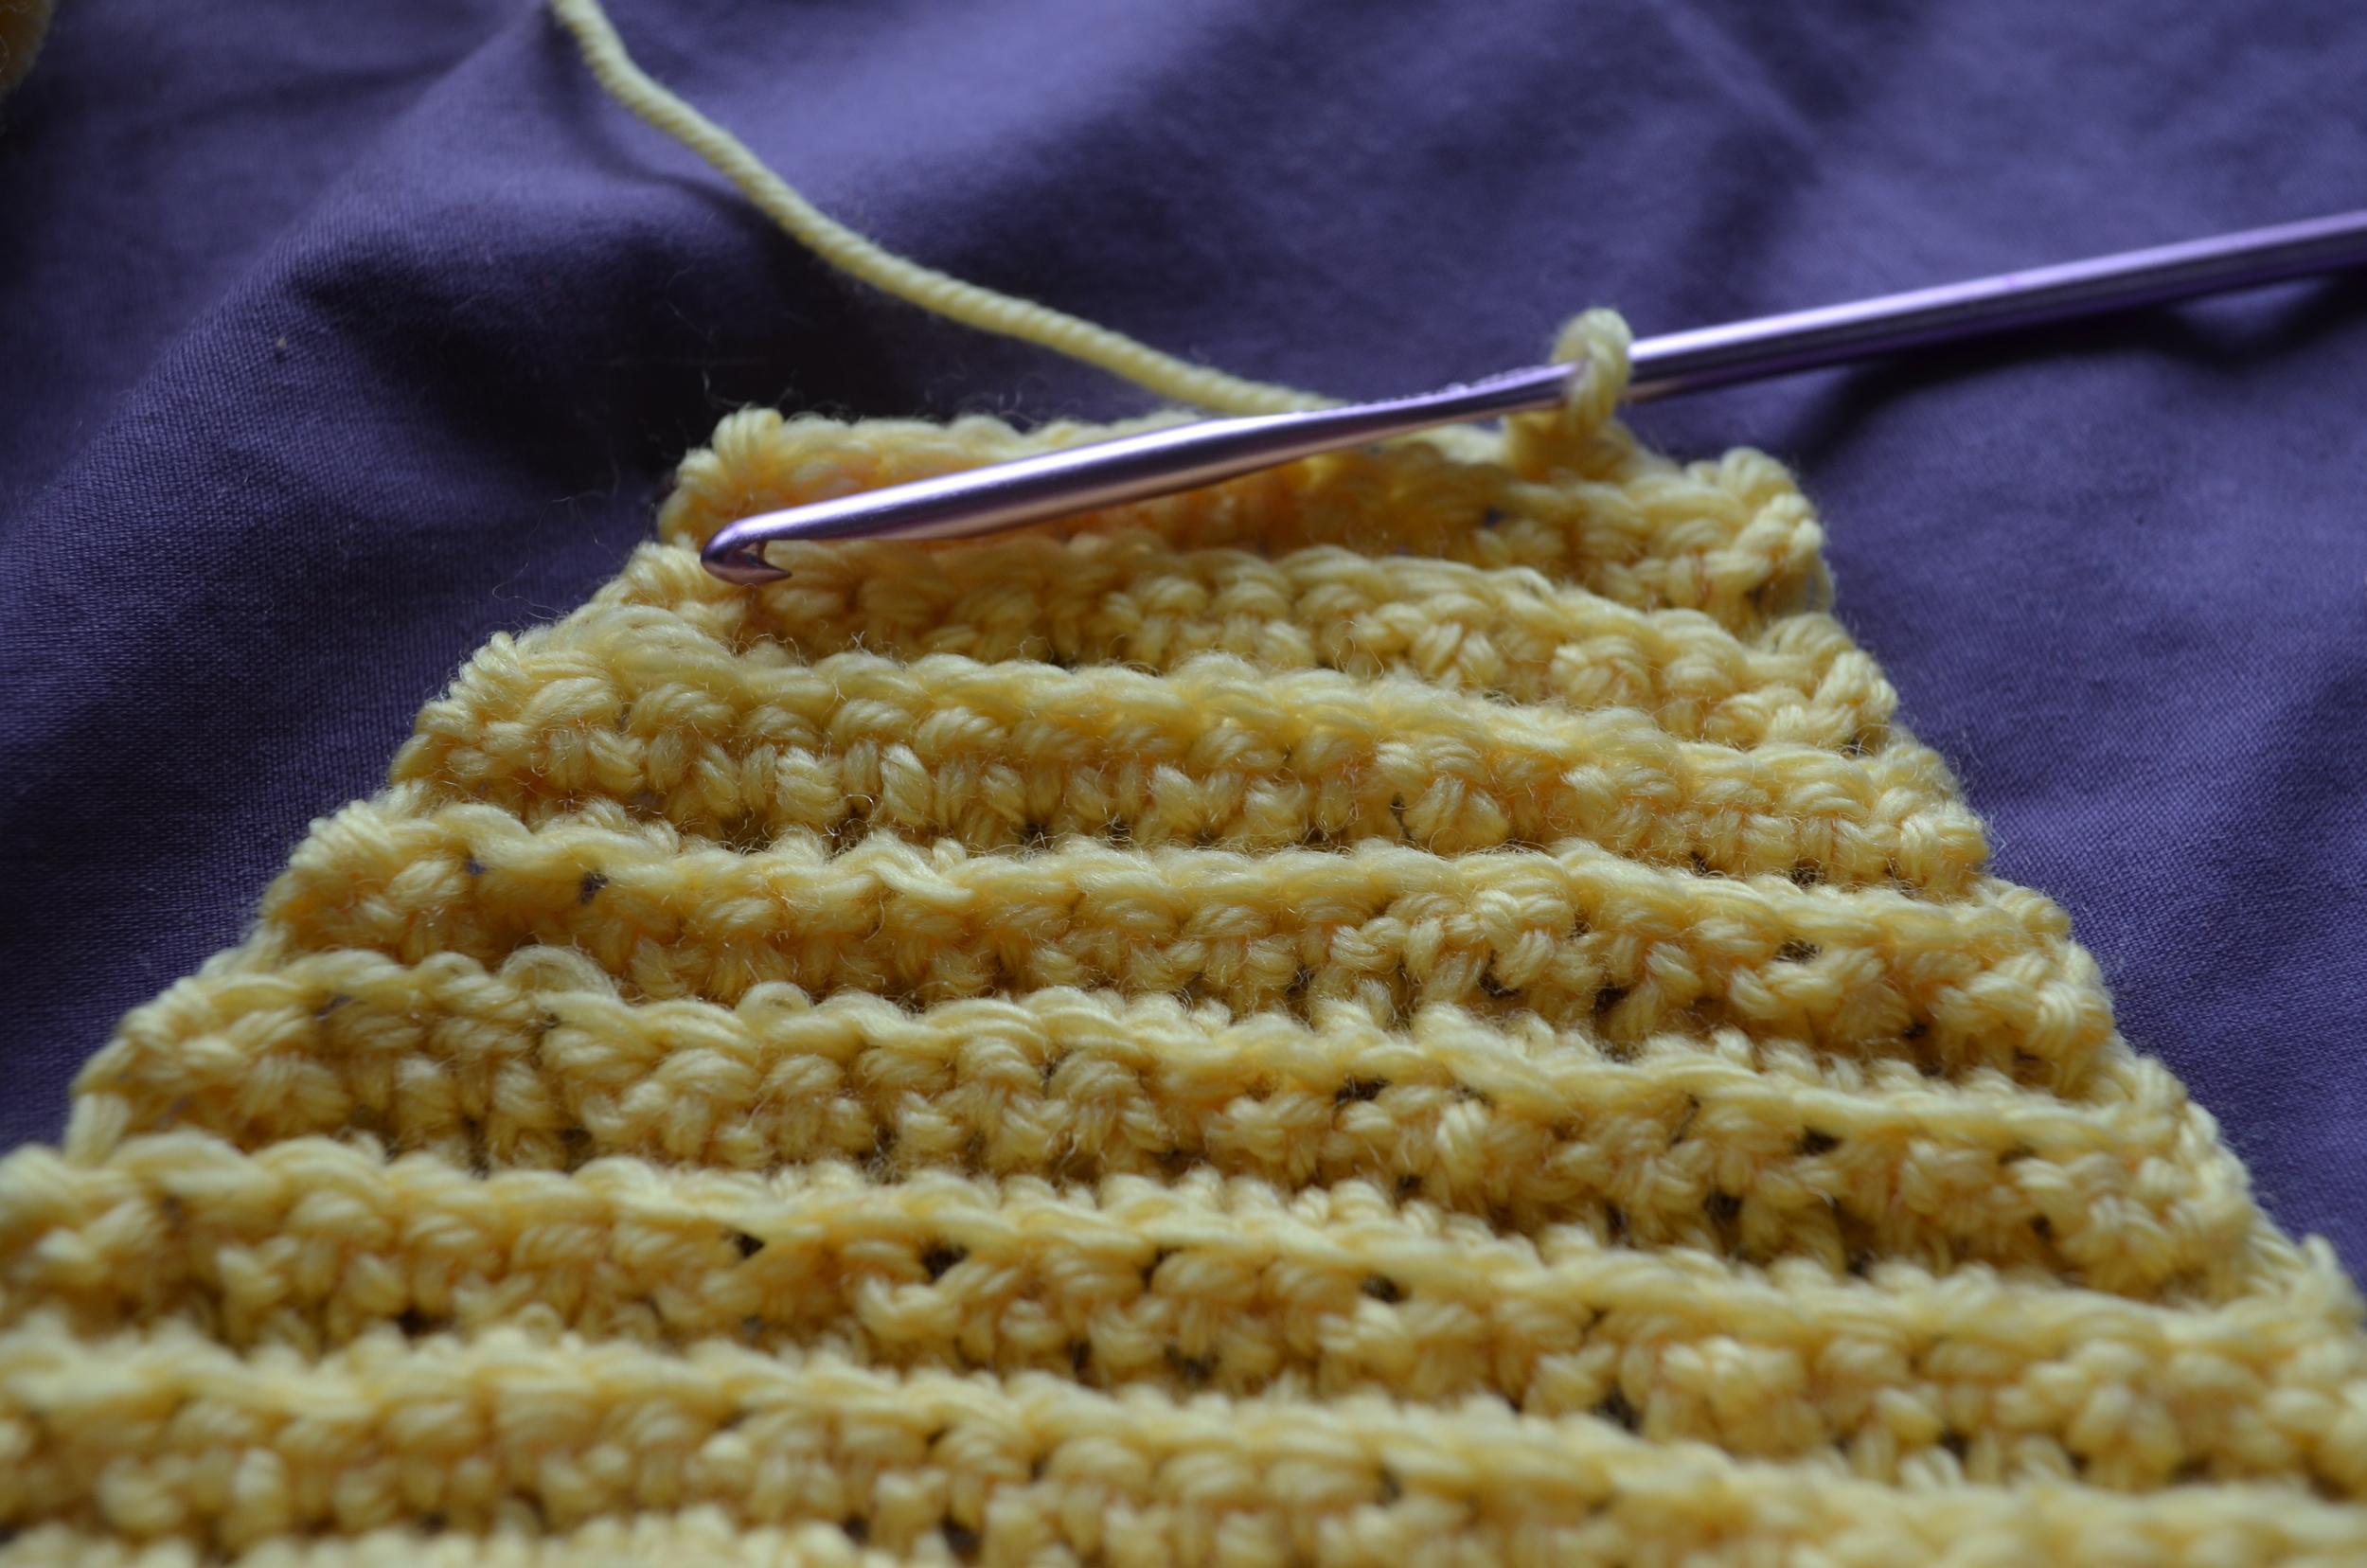 crochet sample / warporweft.com